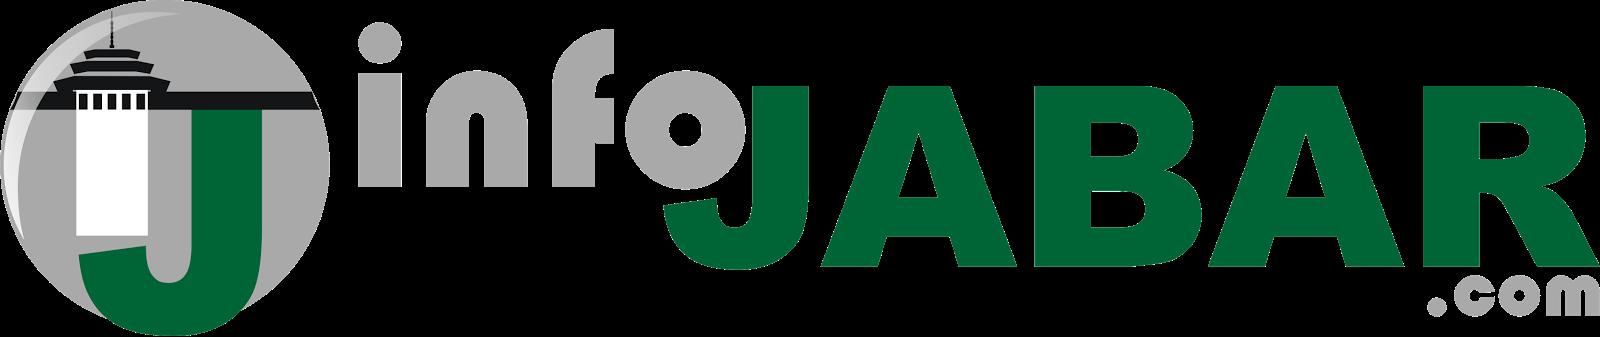 infoJABAR.com | Berbagi Cerita & Informasi Bermanfaat Tentang Jawa Barat